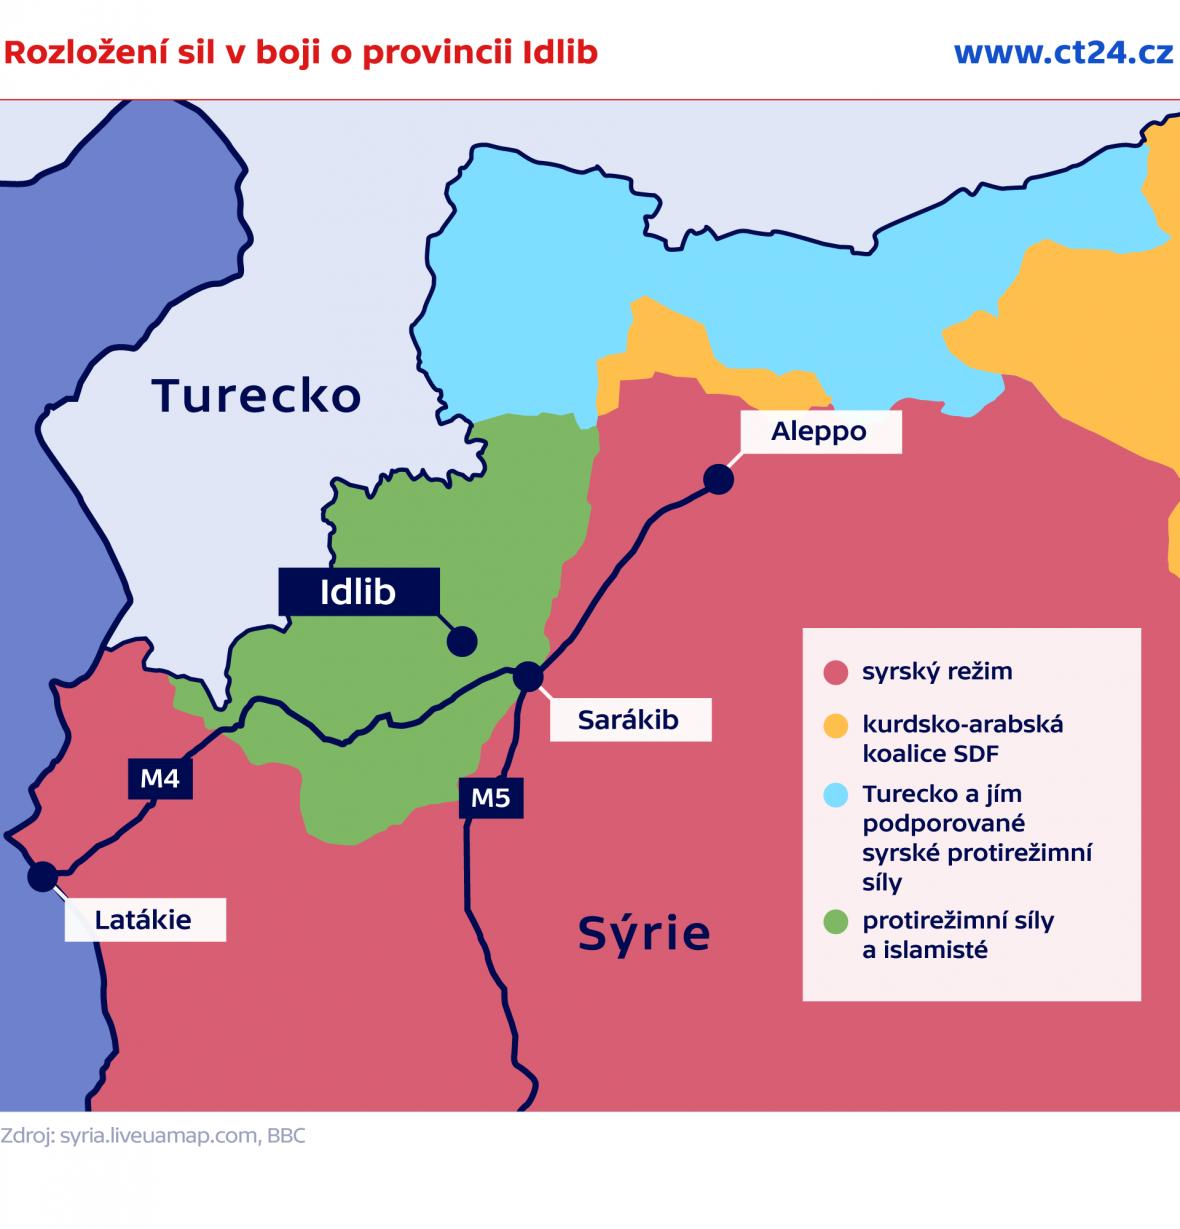 Rozložení sil v boji o provincii Idlib